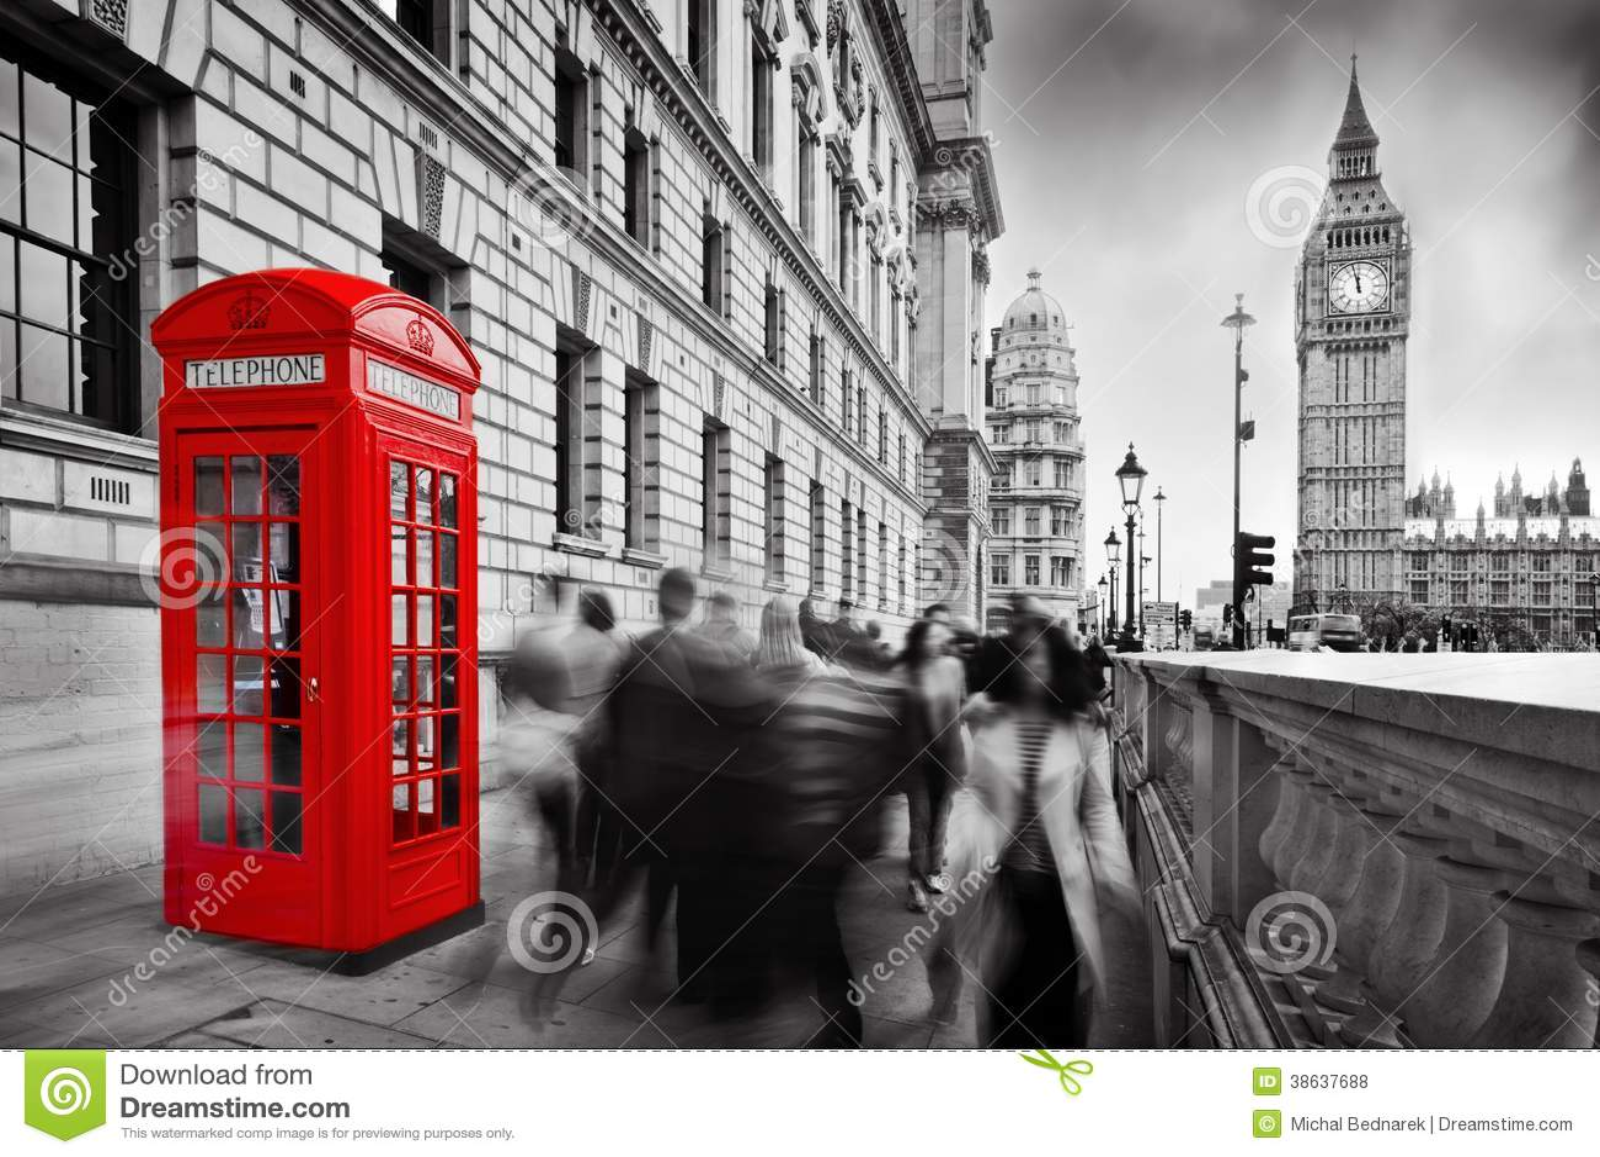 Cabine e Big Ben de telefone vermelha. Londres, Reino Unido